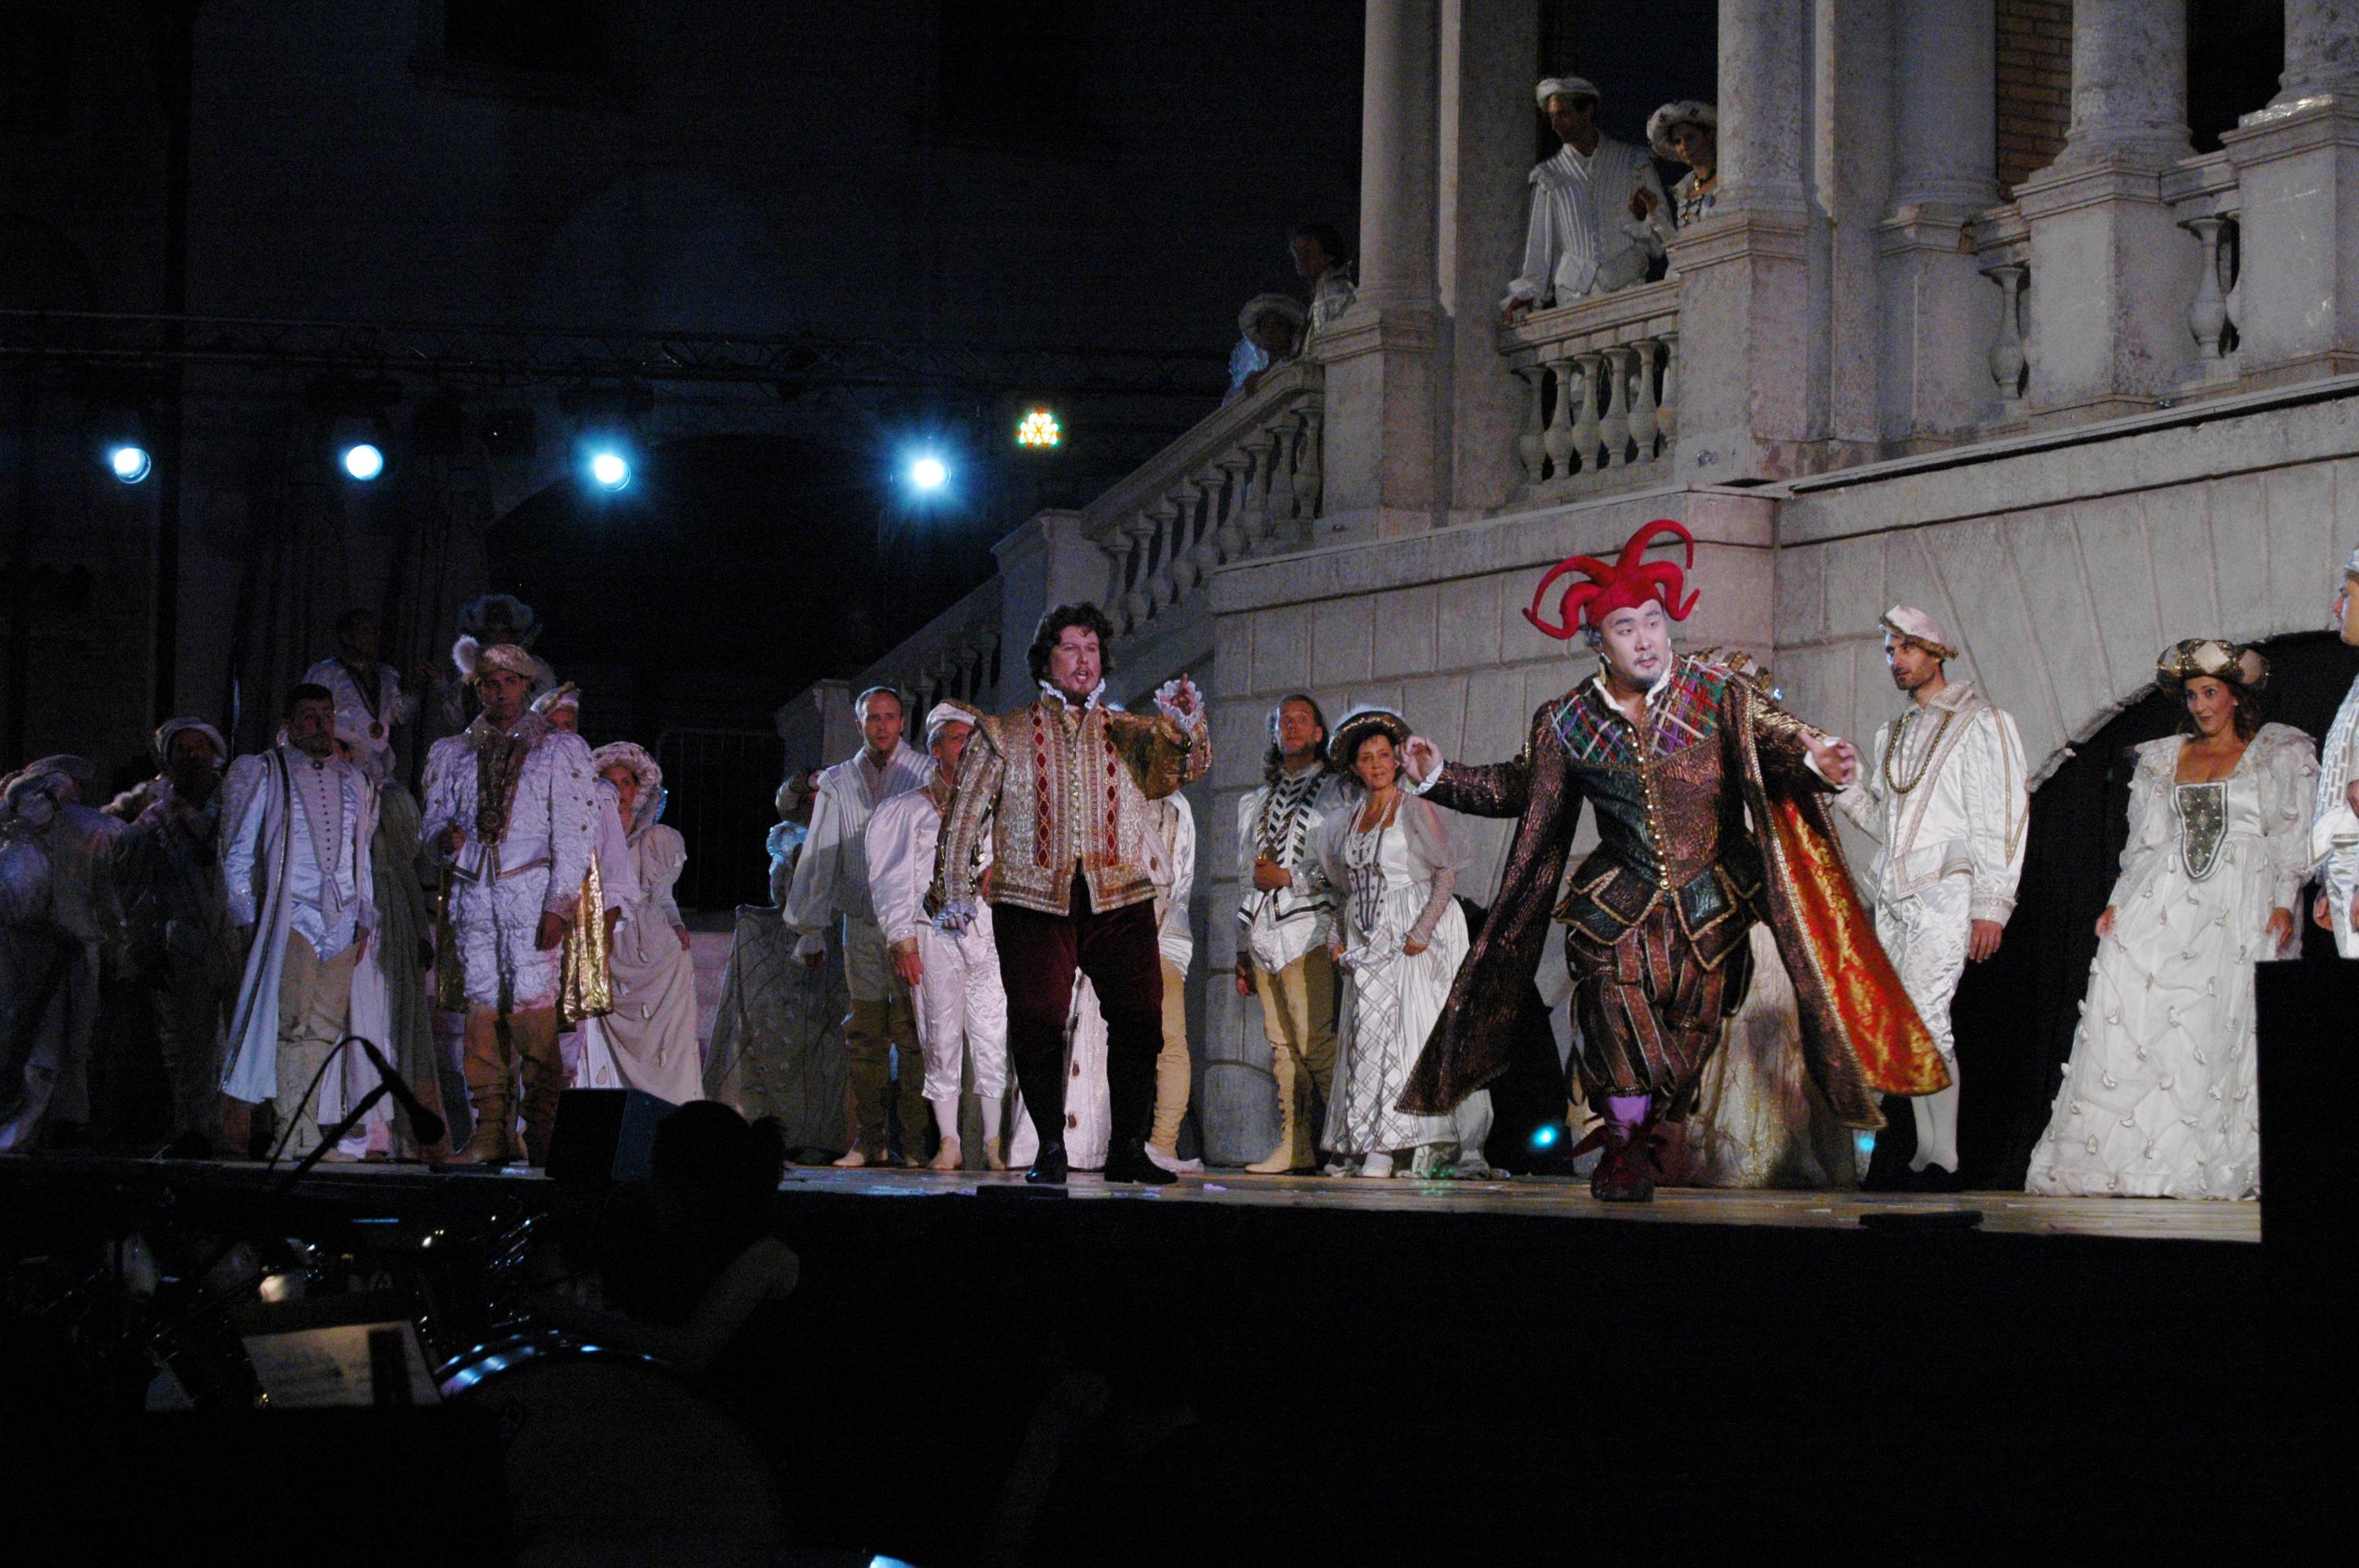 Rigoletto - Atto I - La festa